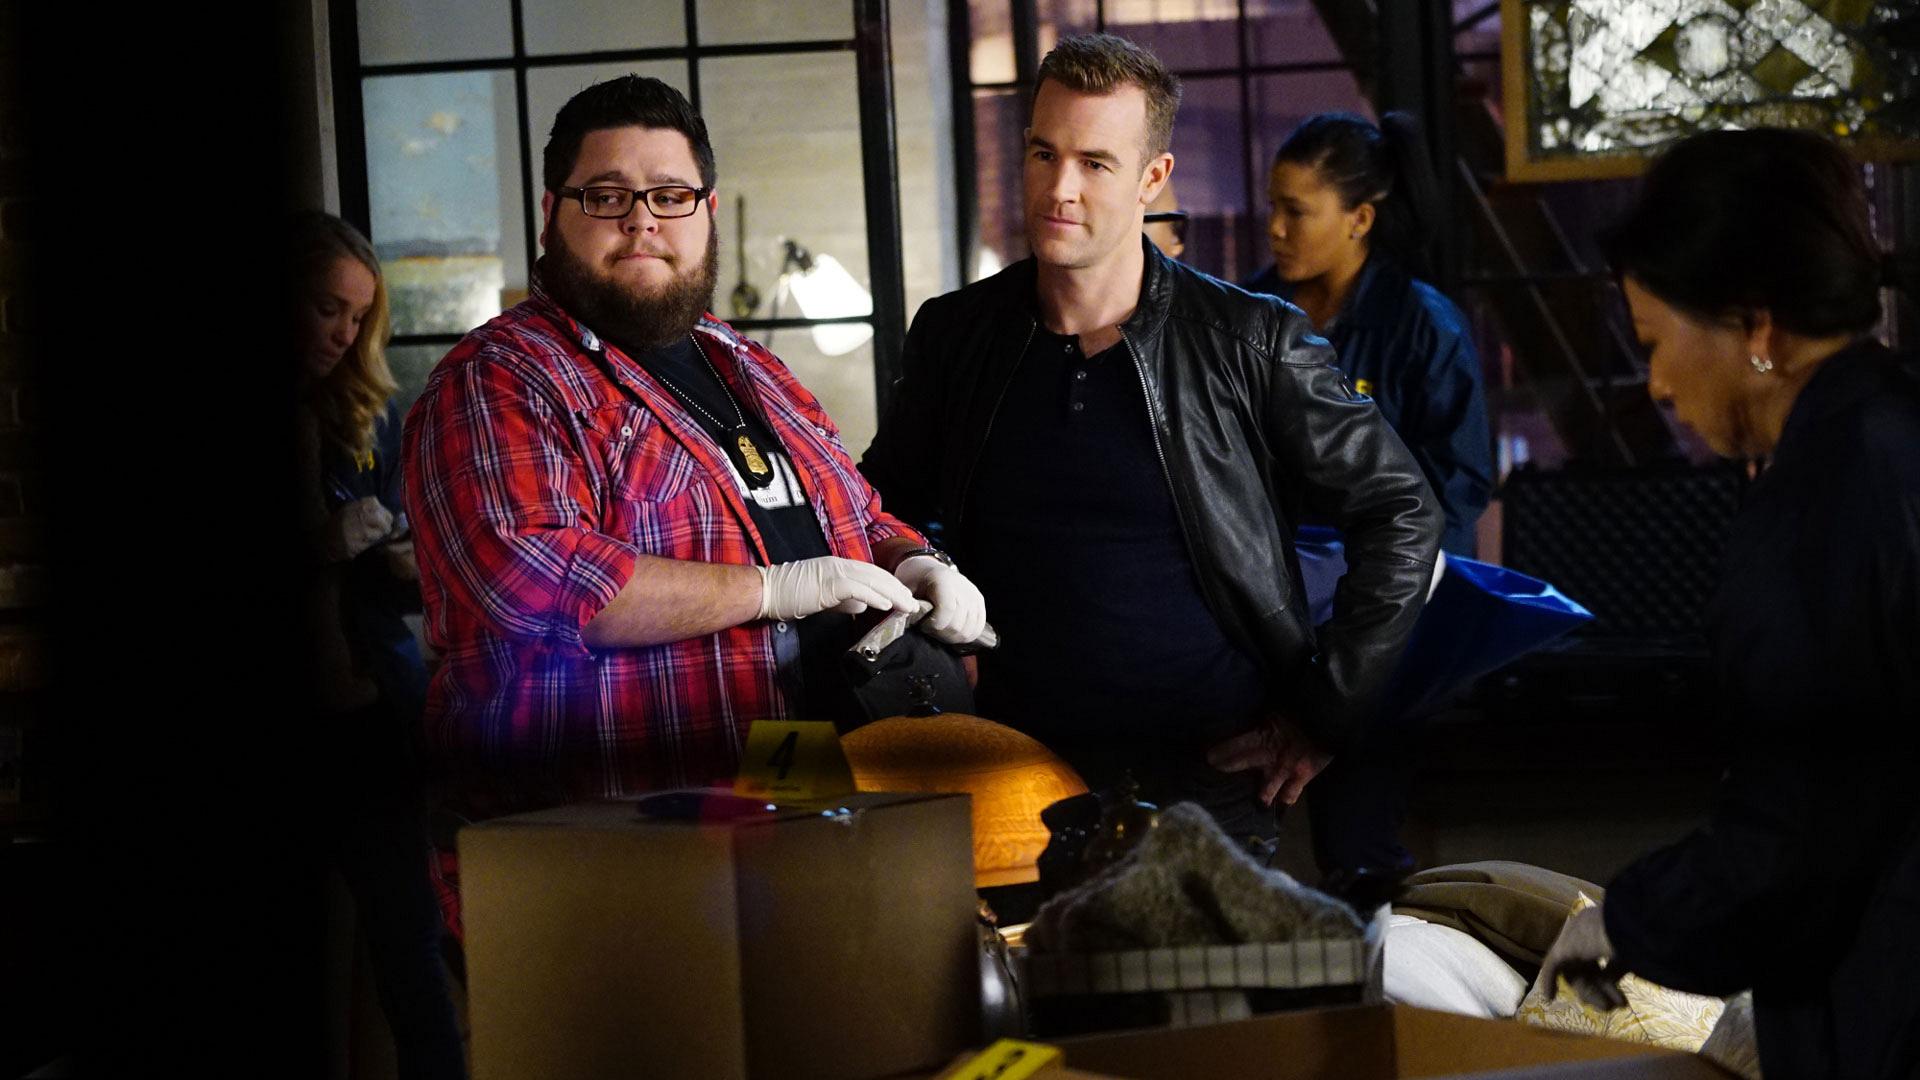 Charley Koontz as Agent Daniel Krumitz and James Van Der Beek as Agent Elijah Mundo